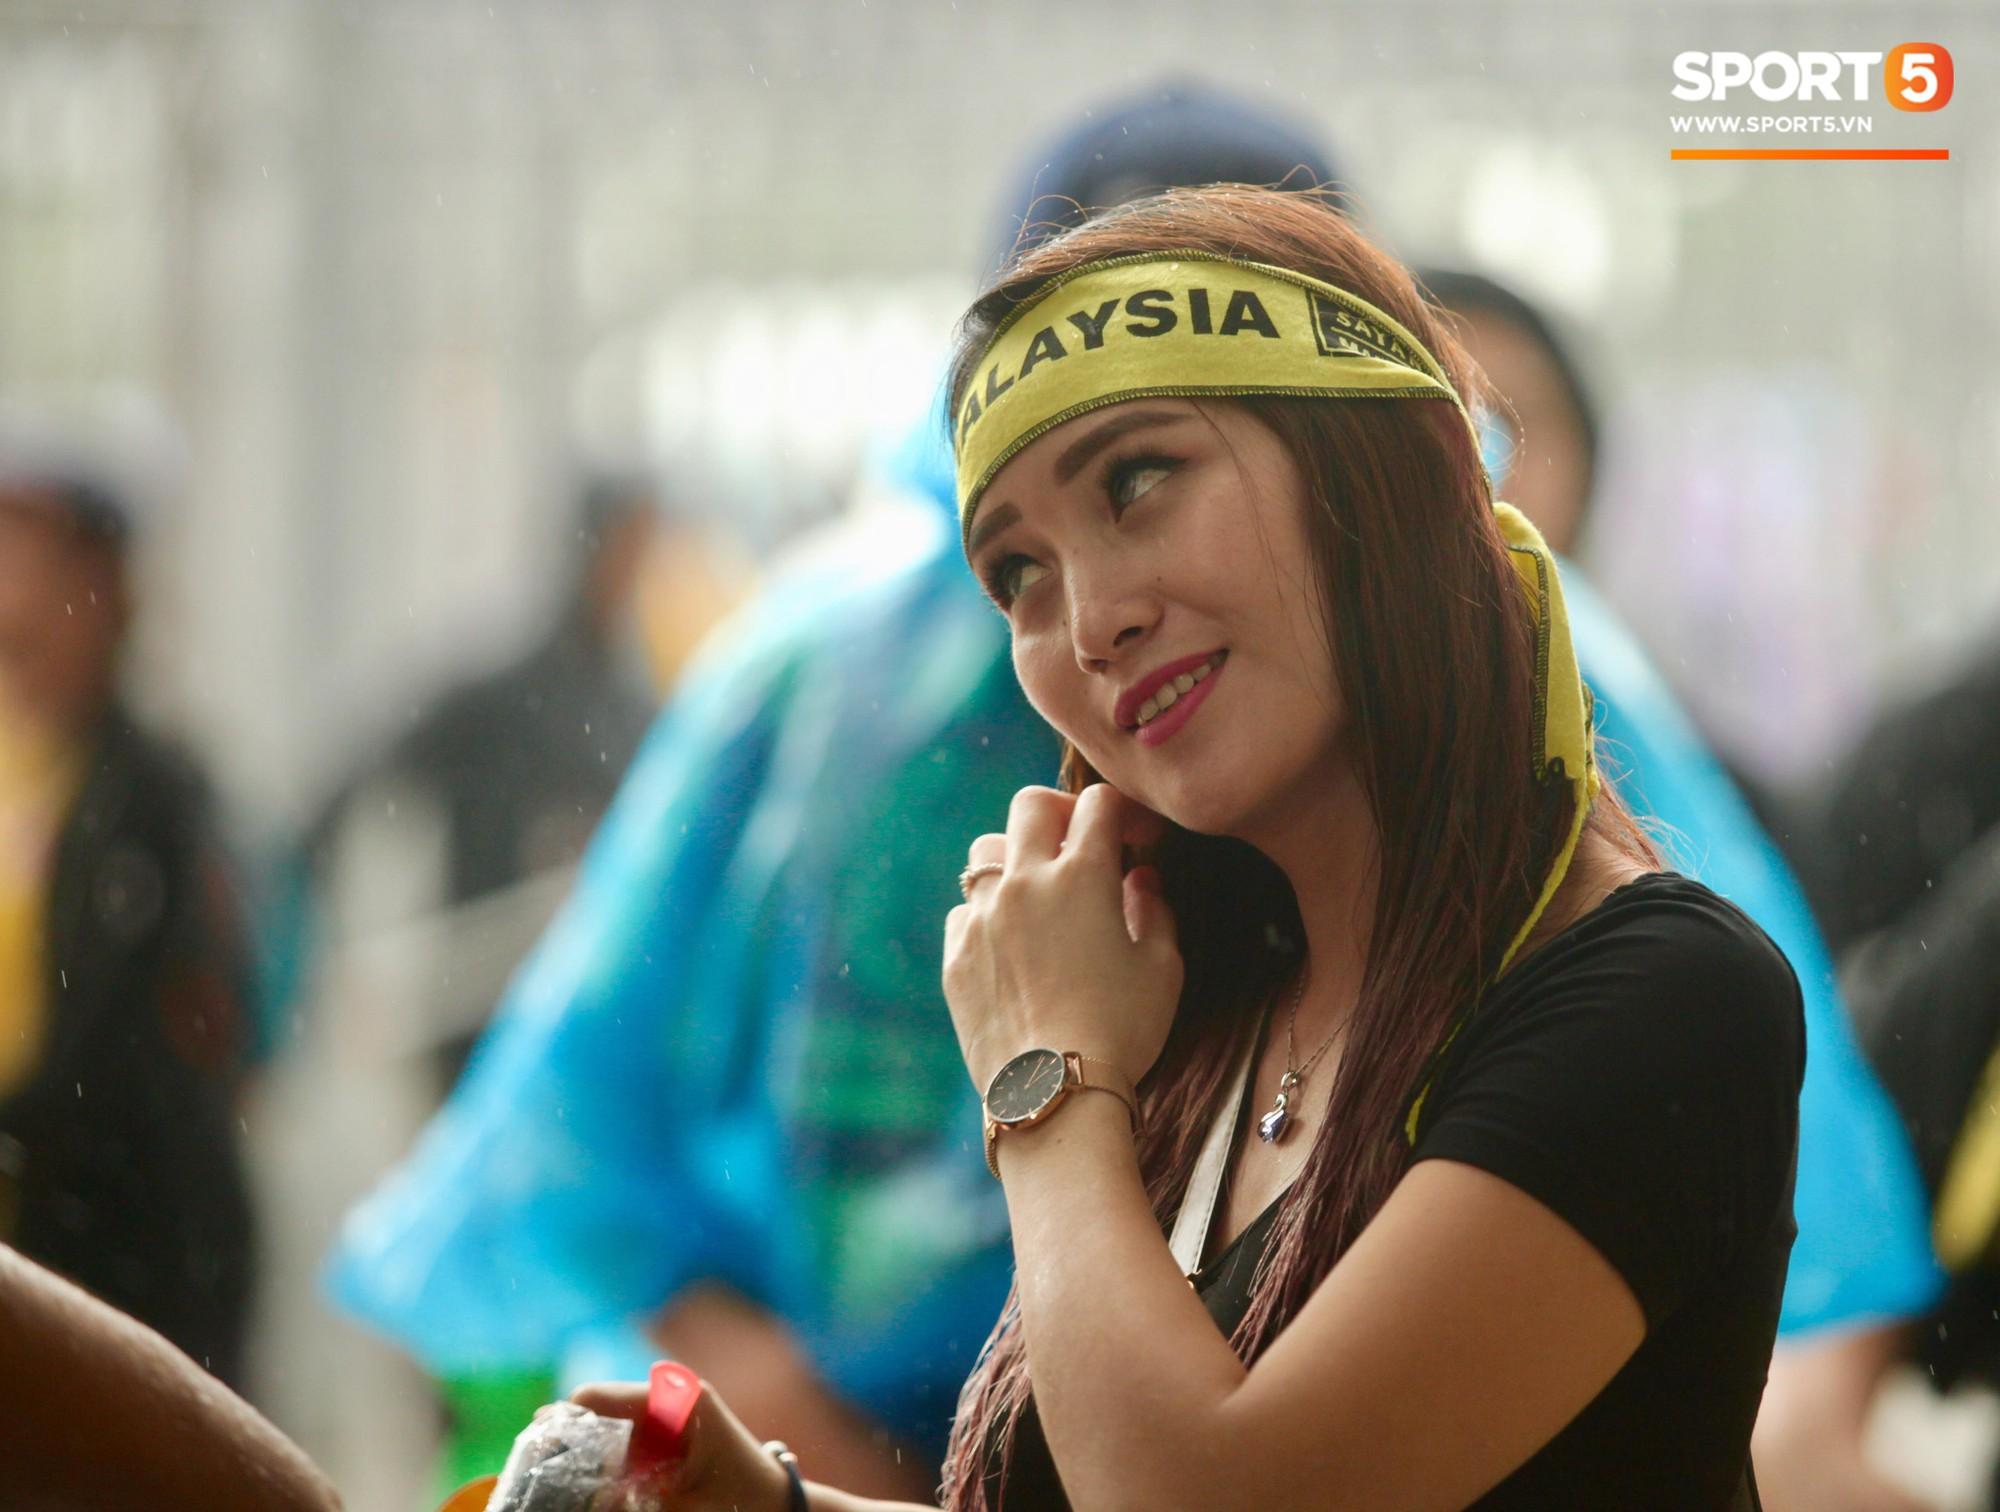 Fangirl xinh đẹp hâm nóng bầu không khí trước thềm đại chiến Việt Nam vs Malaysia-6